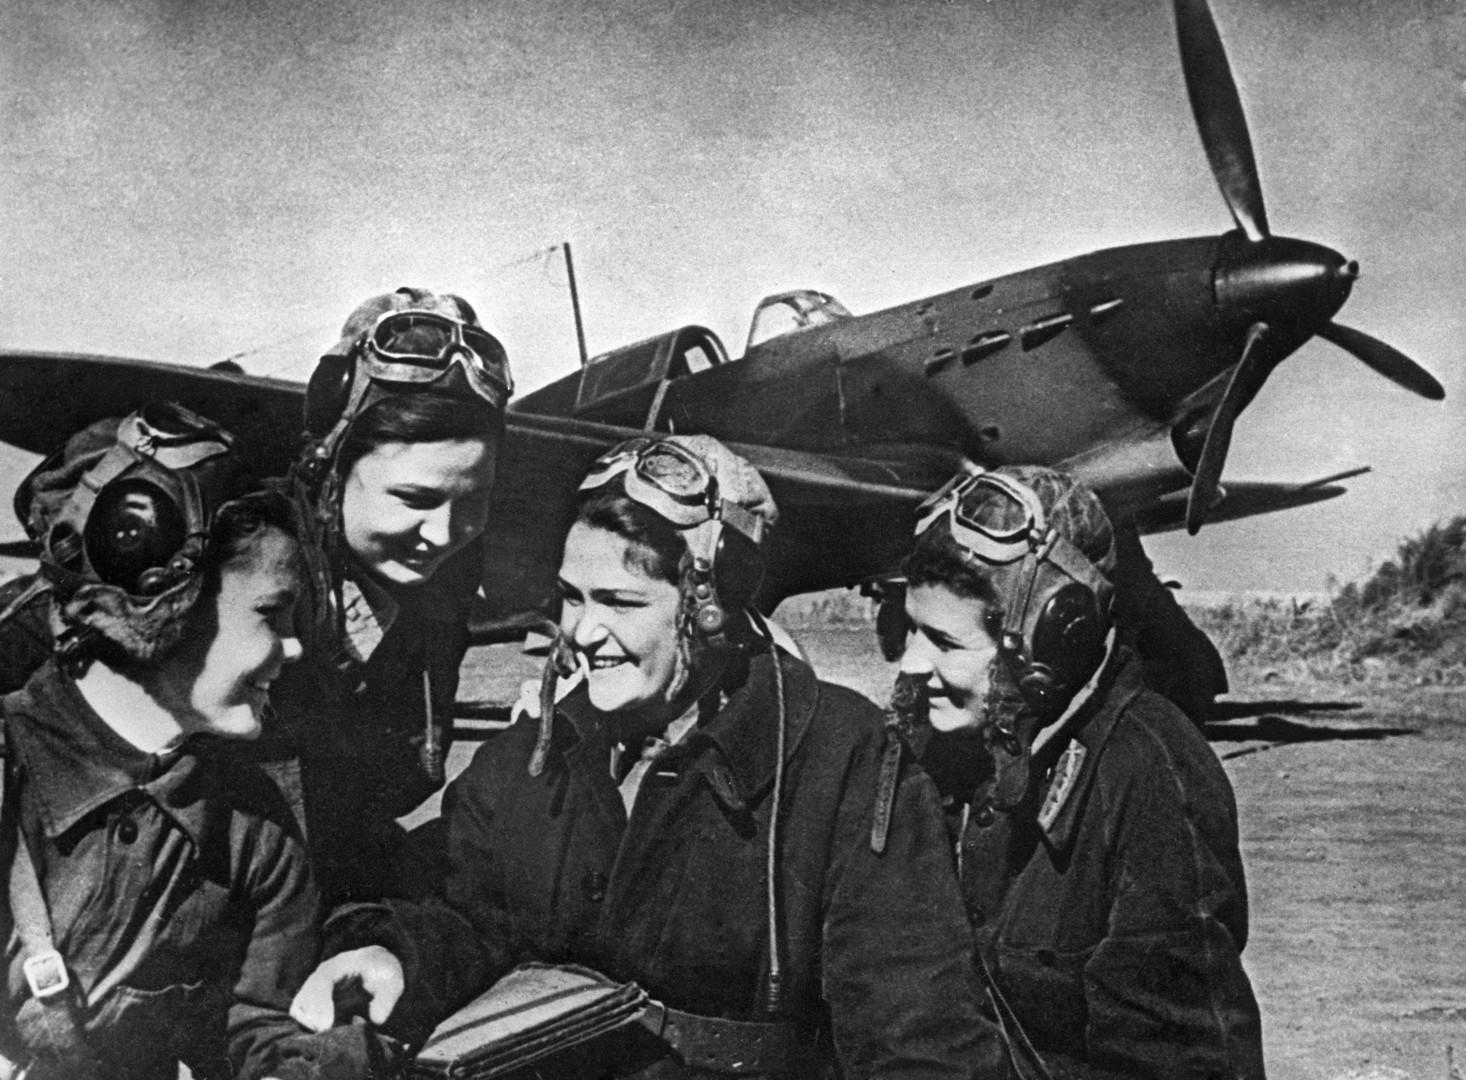 Erste Gruppen mit Pilotinnen wurden am 8. Oktober 1941 gebildet. Einige von ihnen nahmen an allen wichtigen Schlachten des Großen Vaterländischen Krieges teil.